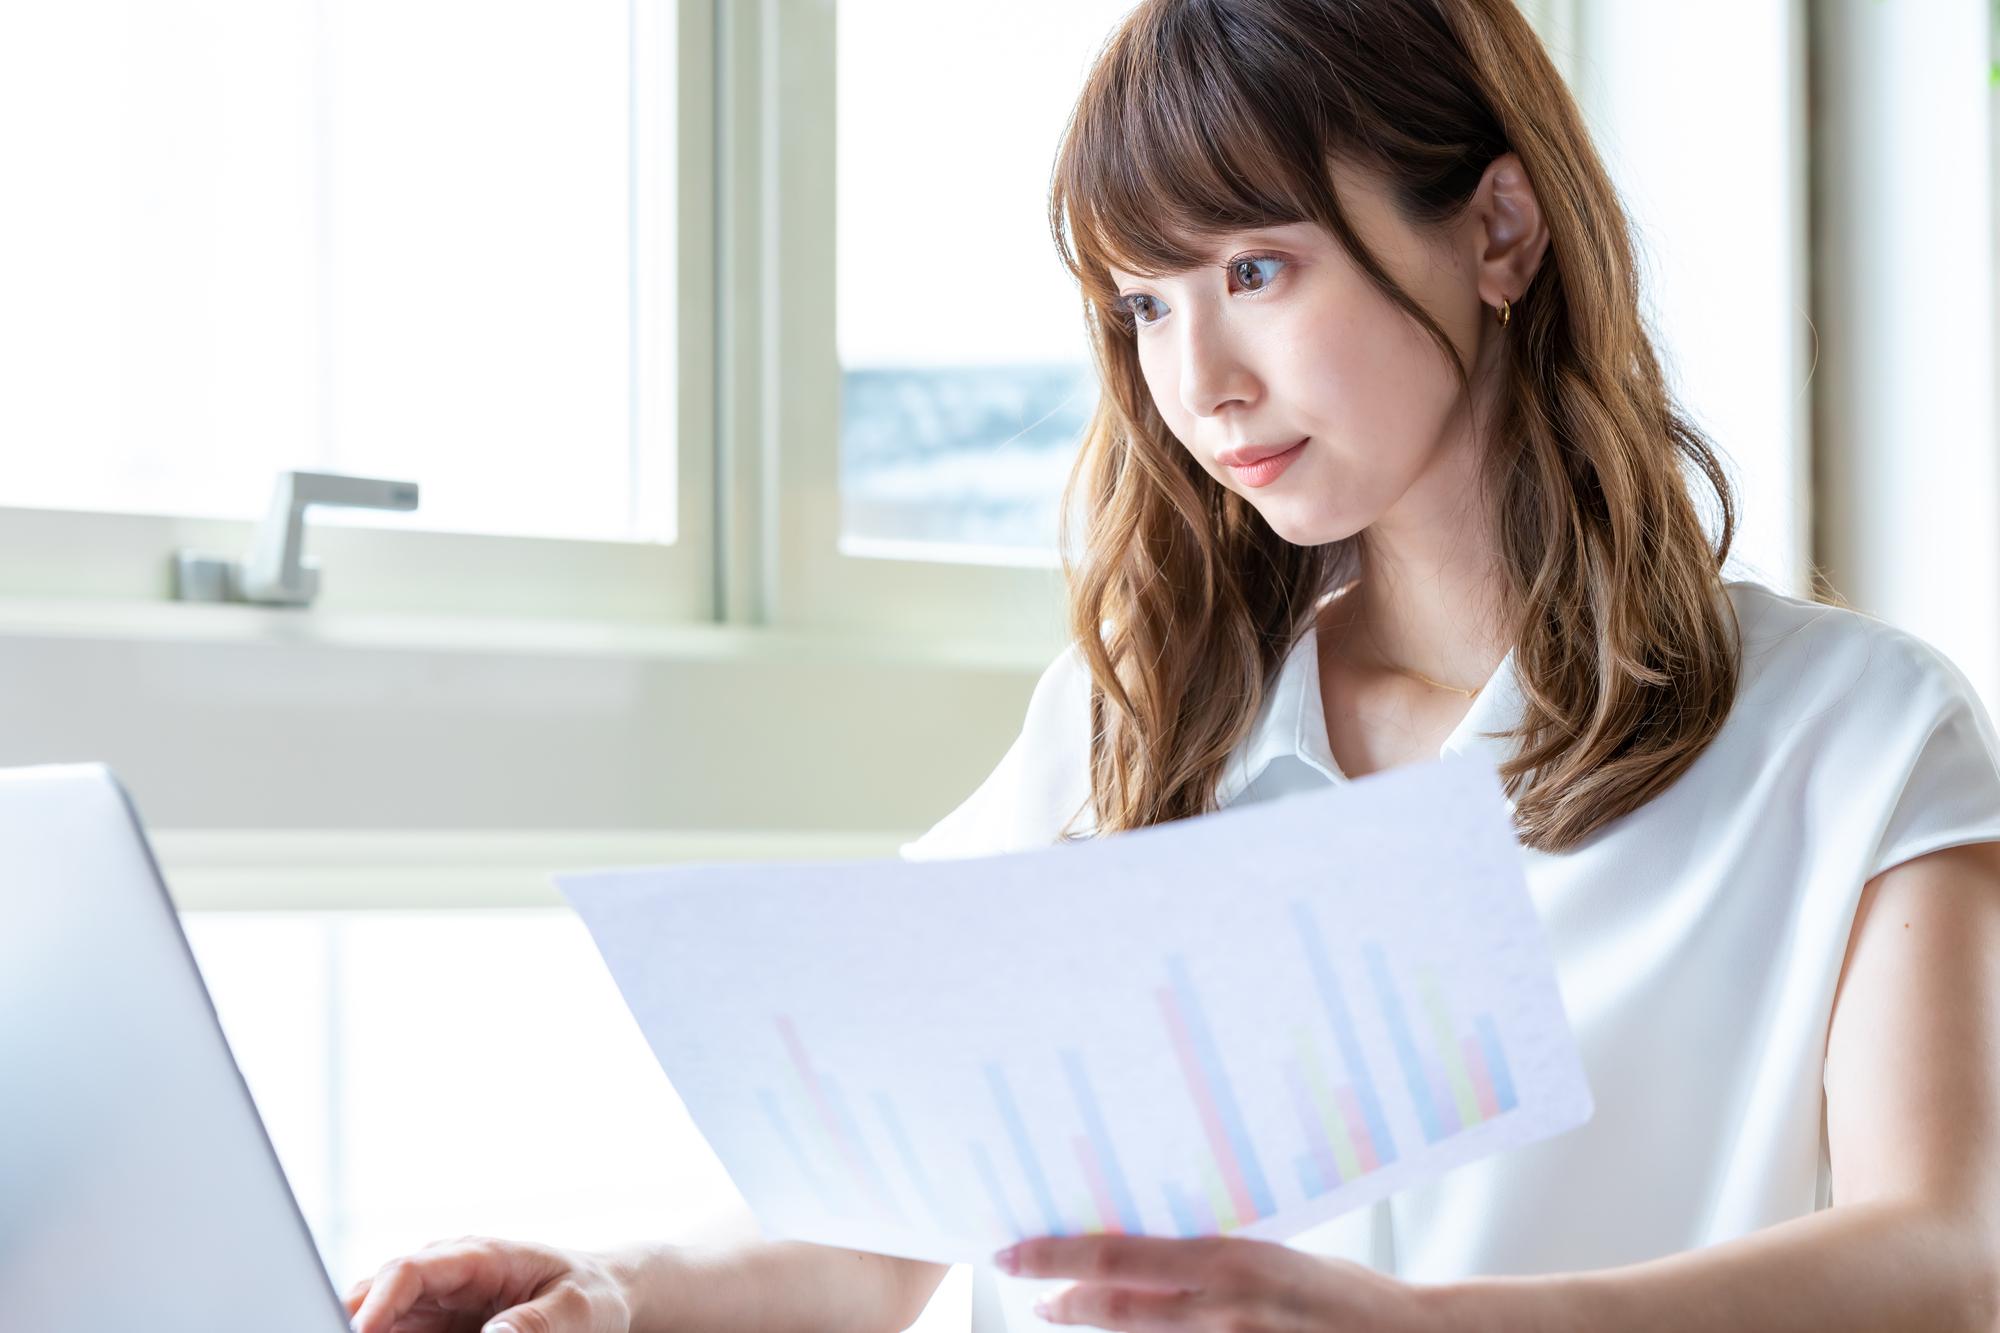 第二新卒や未経験でも事務職を目指すには?仕事のやりがい、スキル、転職方法の本当のところのイメージ